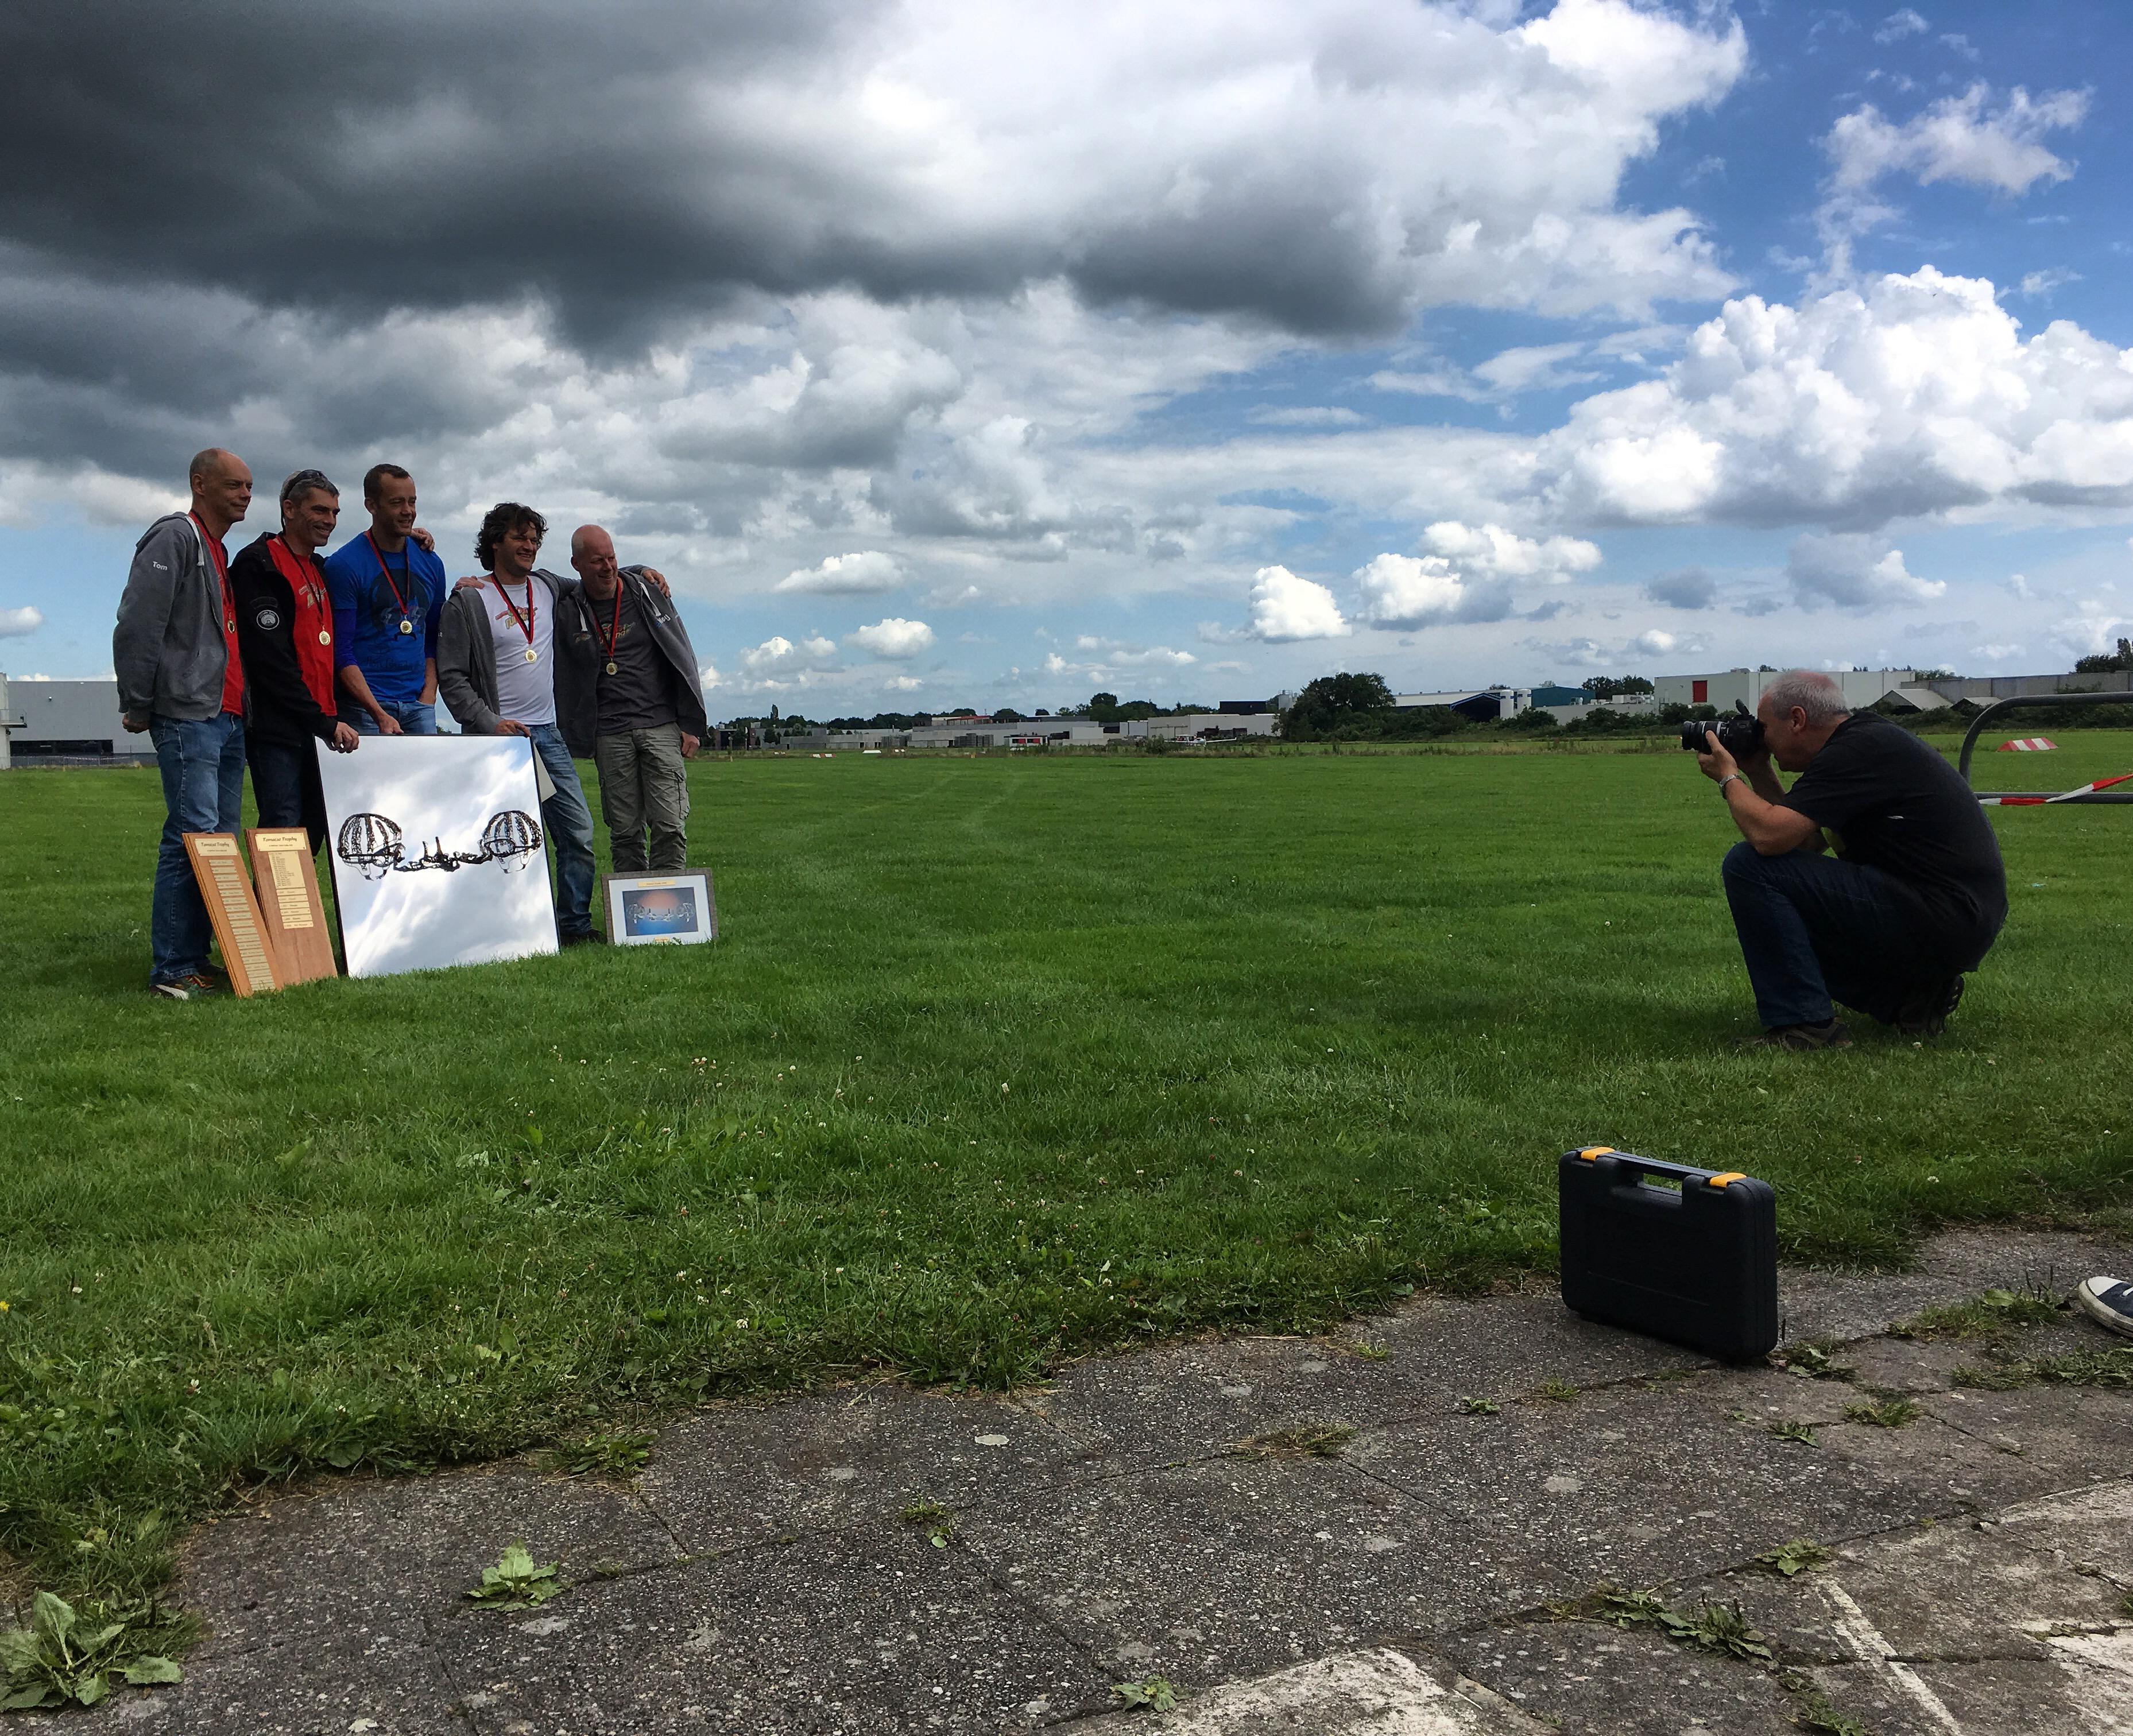 Yvonderweg - Stil - Paraches vouwen voor Cool Runnings op de Tomscat in Hoogeveen